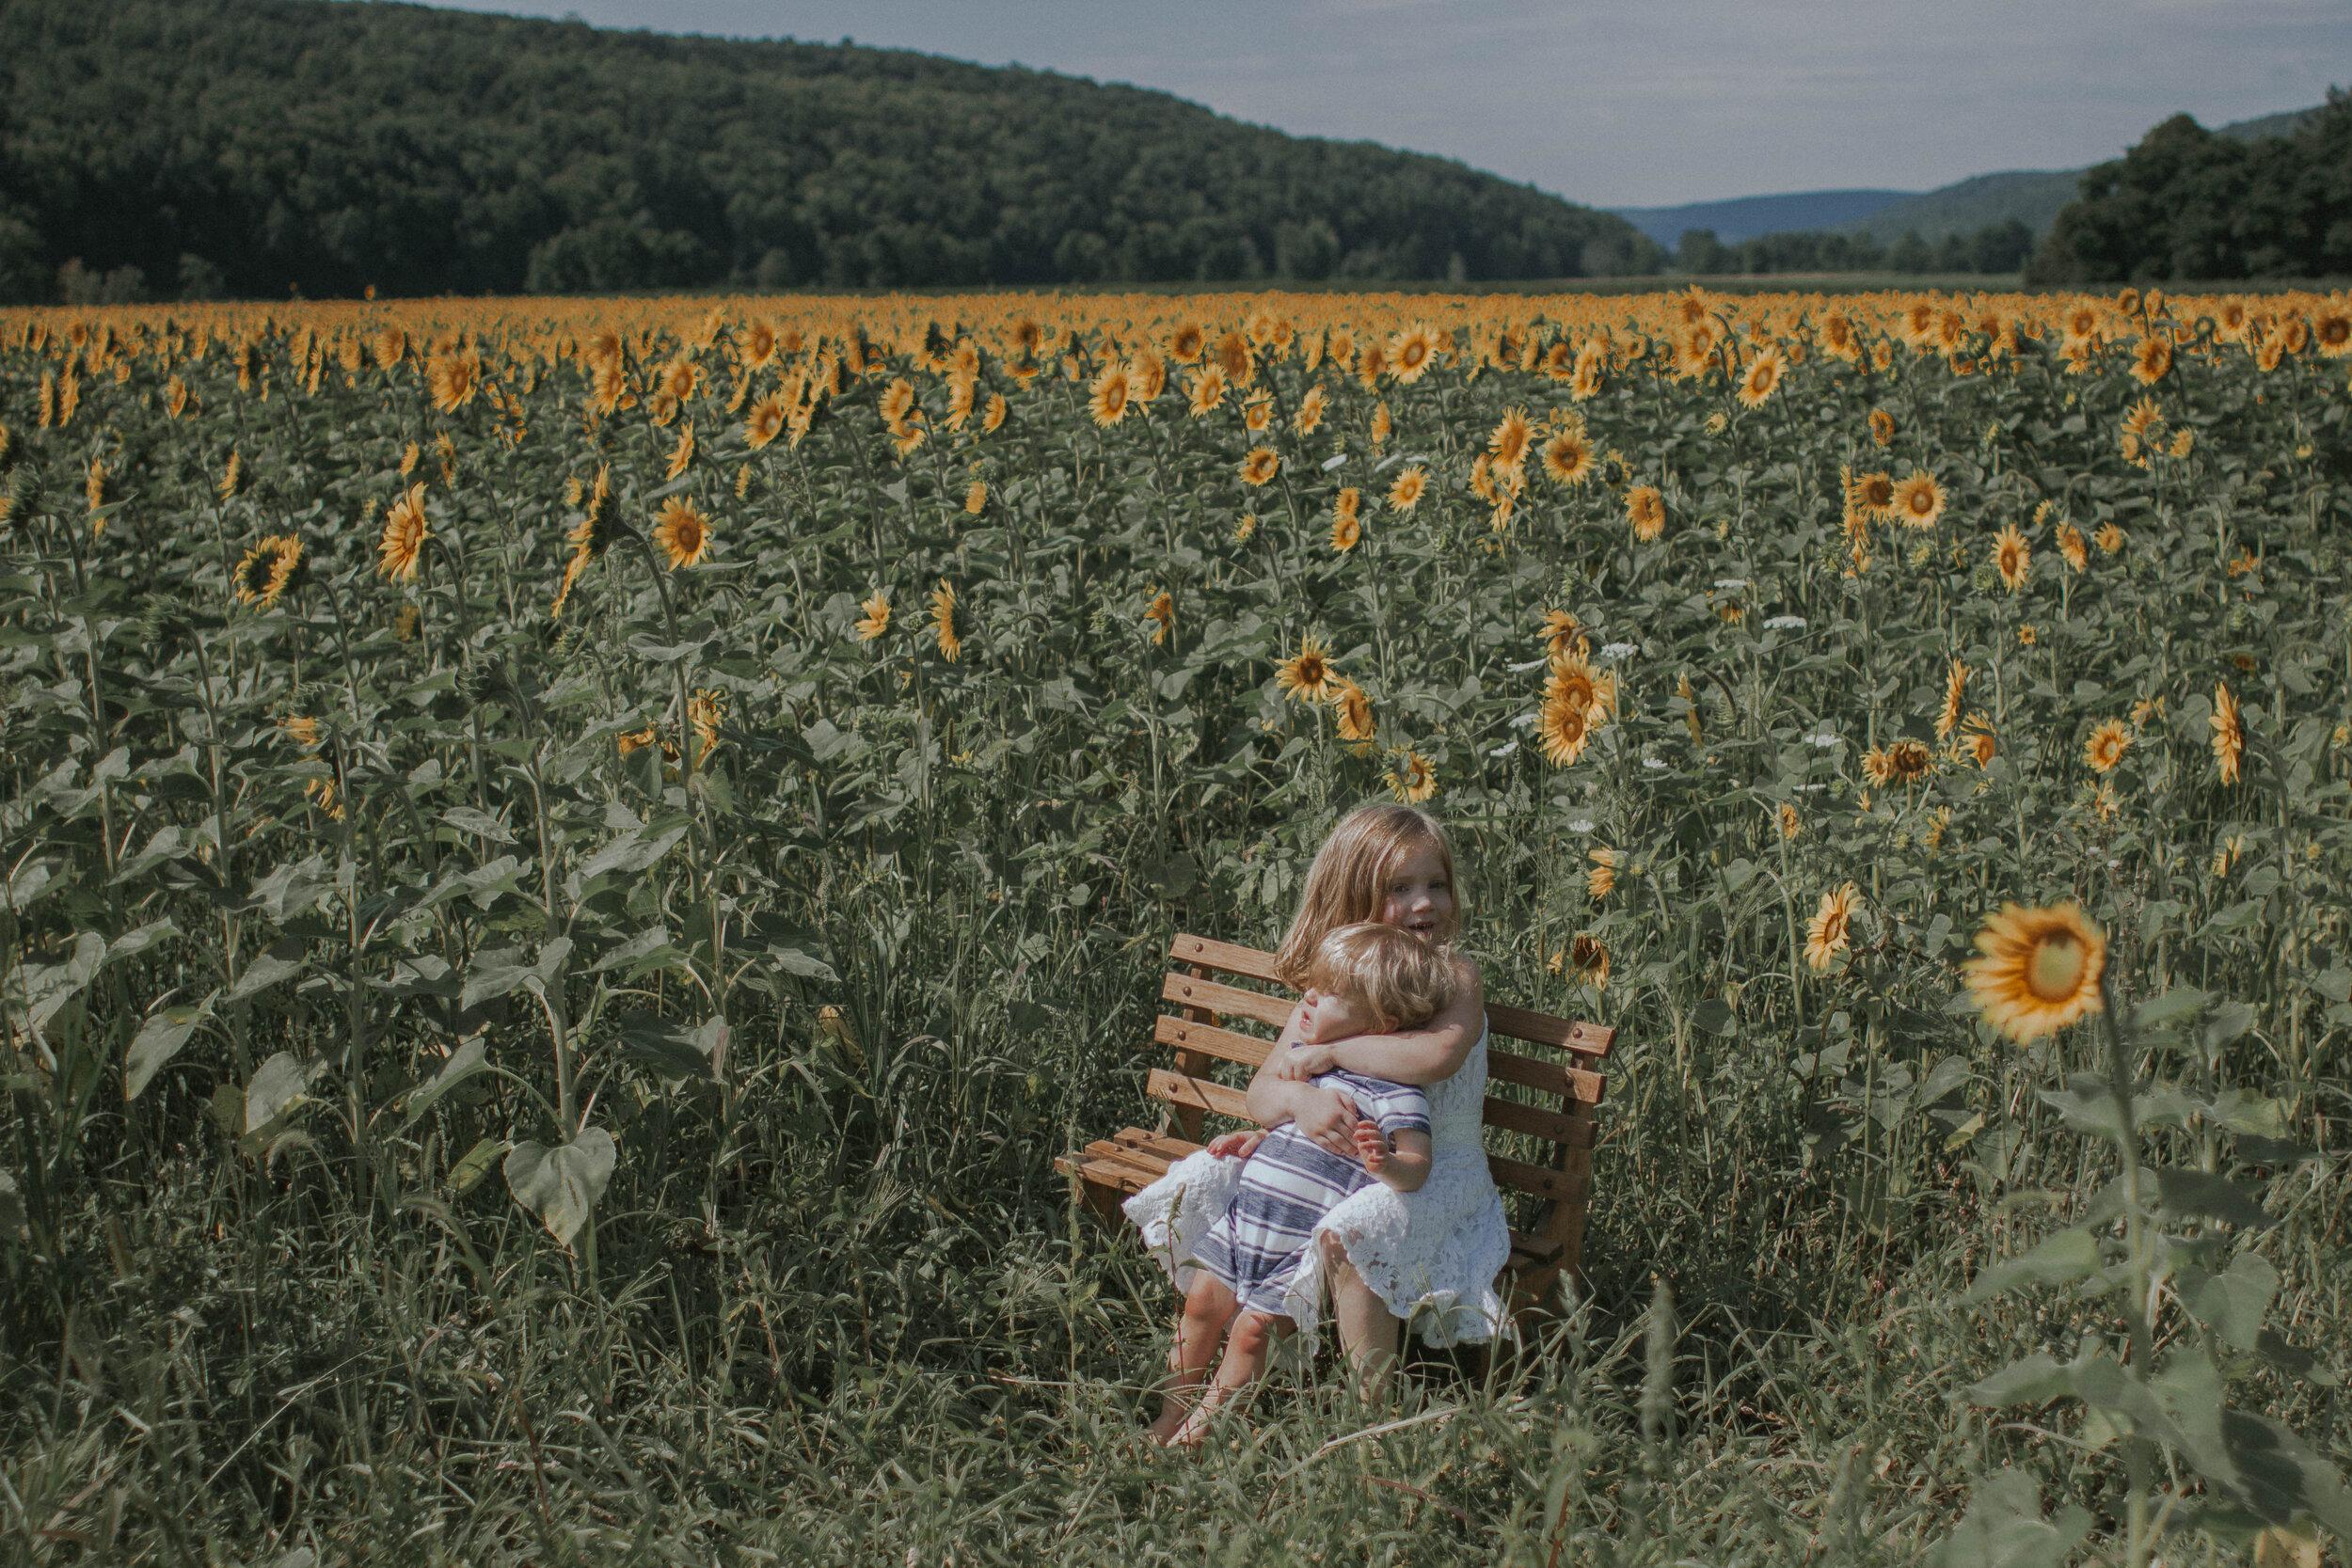 maggiemase_sunflowers_aug-9.jpg